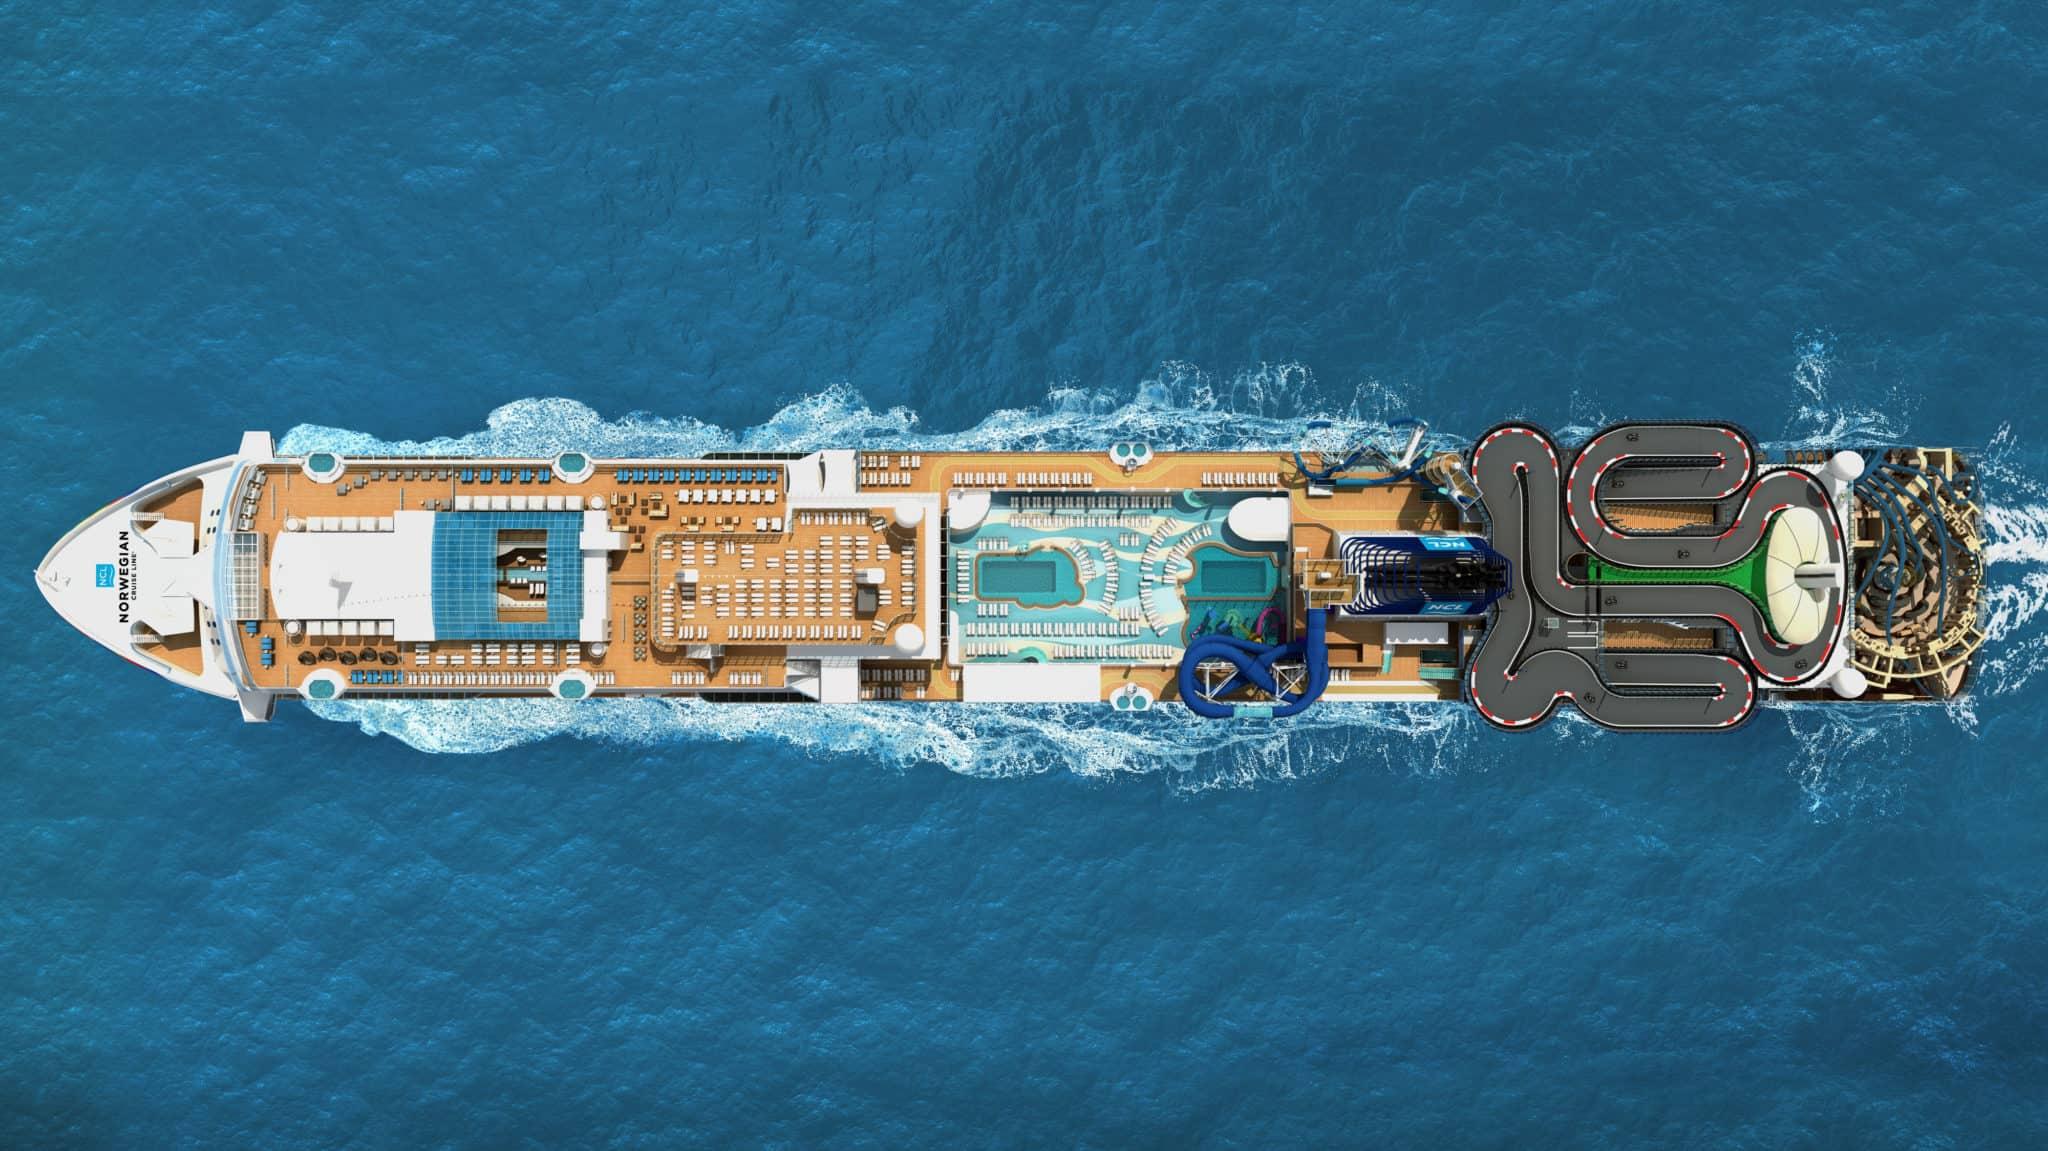 norwegian encore cruise ship